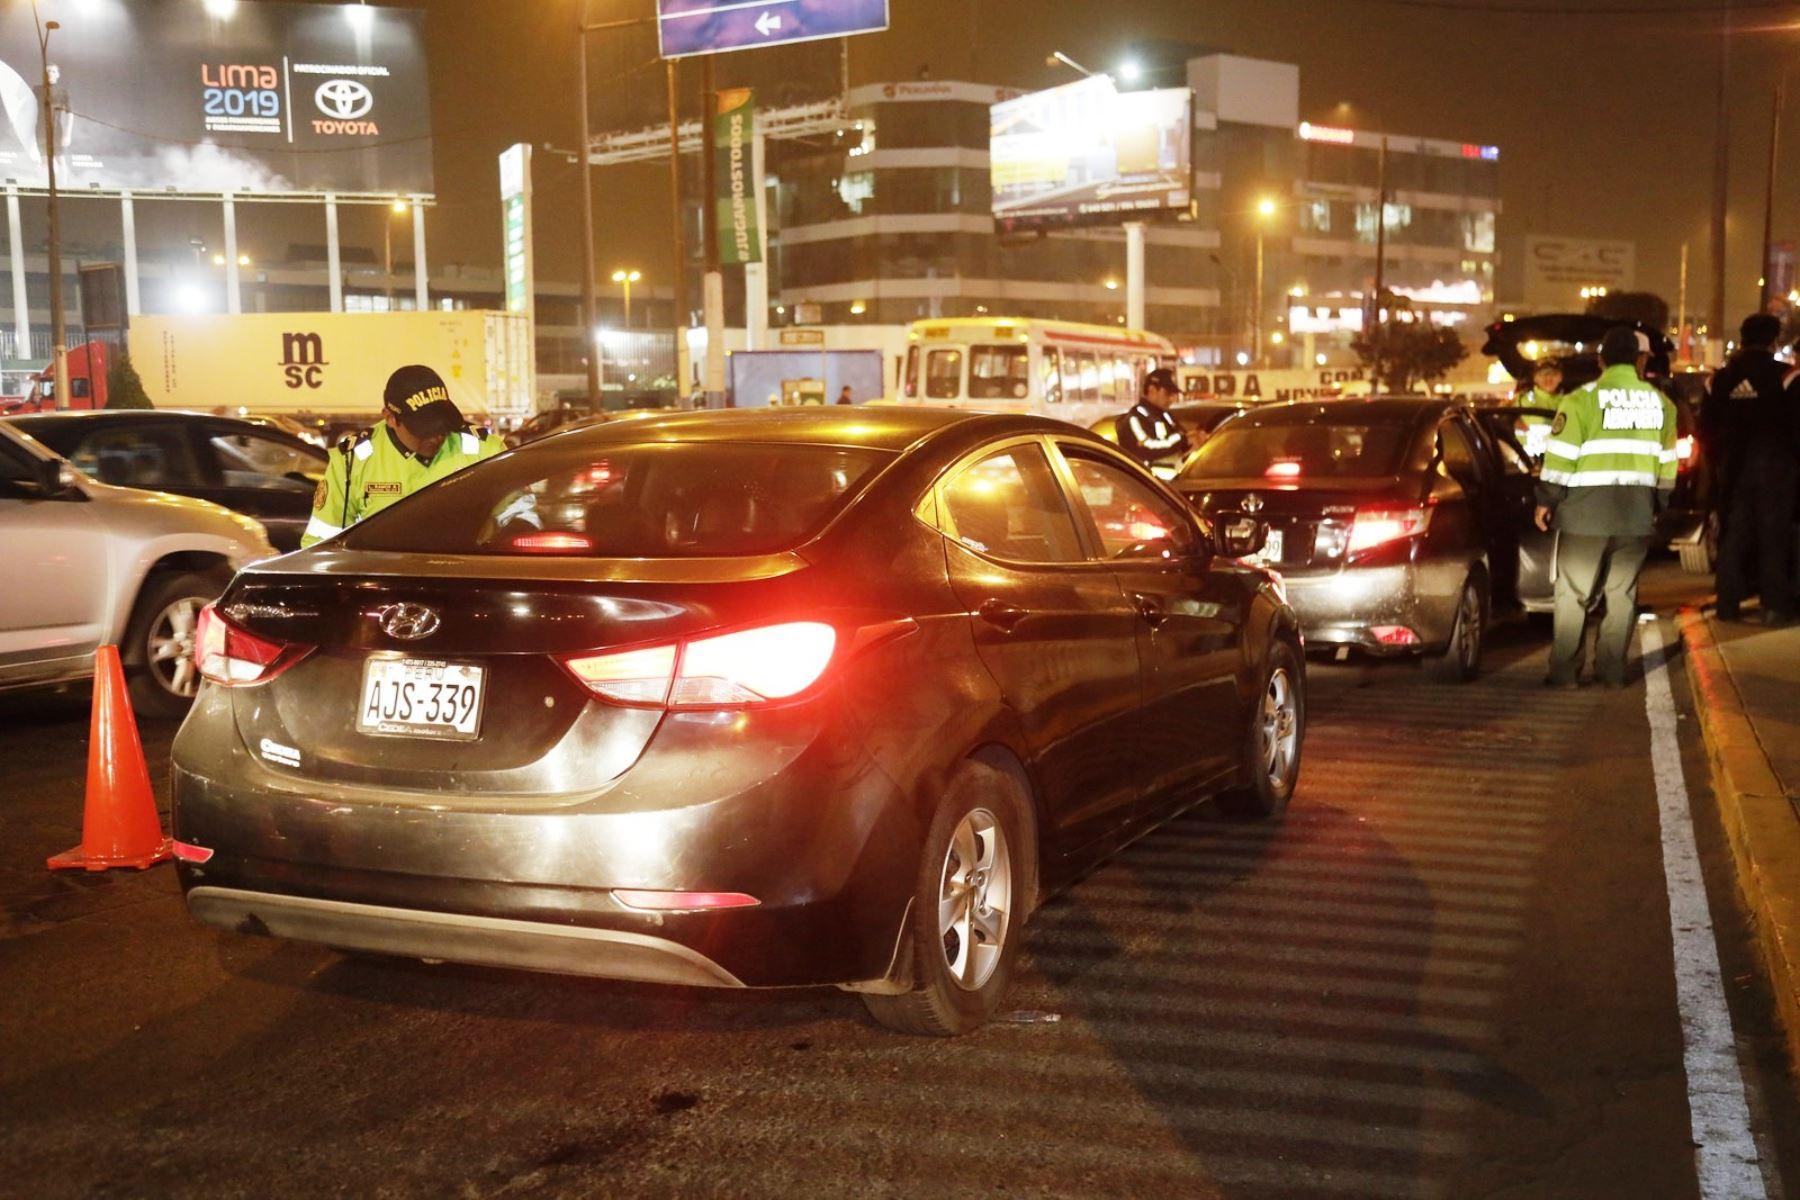 Aeropuerto Jorge Chávez: intervienen 70 vehículos y llevan al depósito 11 taxis informales. Foto: ANDINA/Difusión.